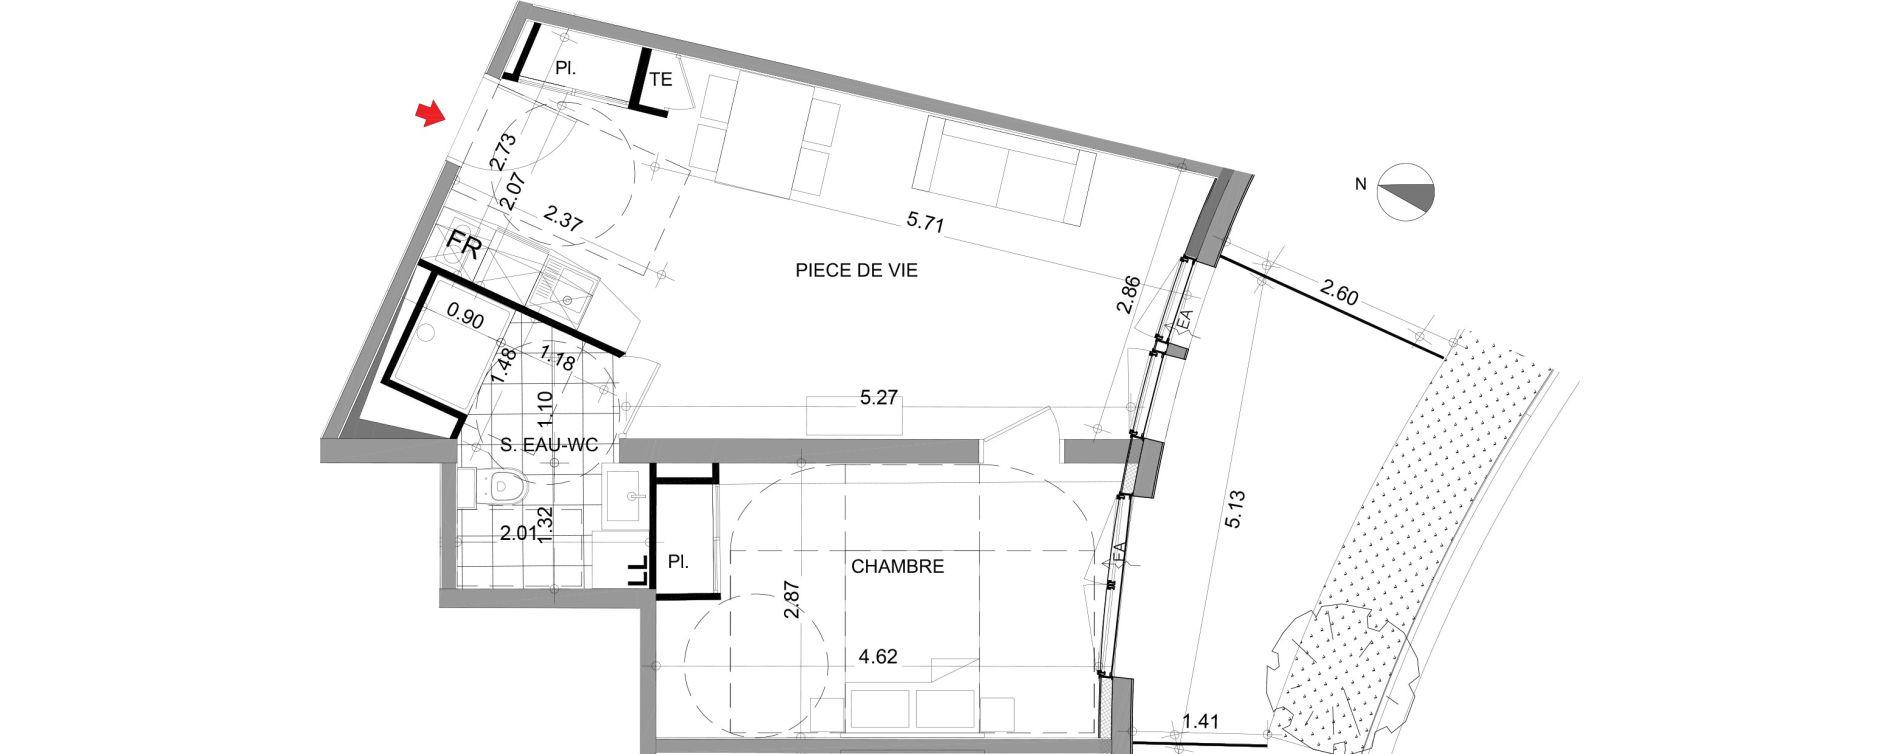 Appartement T2 meublé de 42,76 m2 à Angers Angers centre